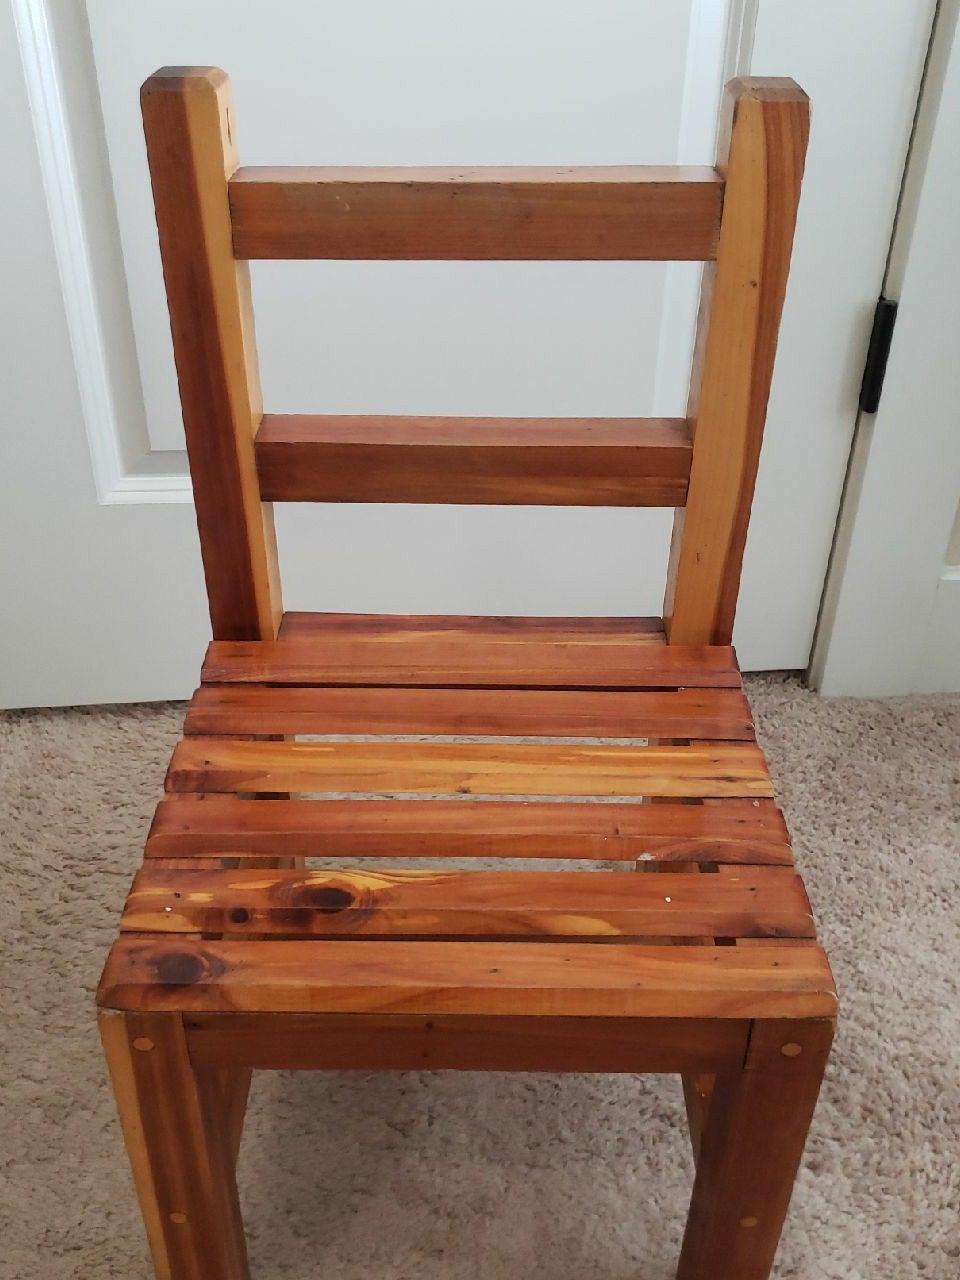 Vntg Childs Wooden Chair